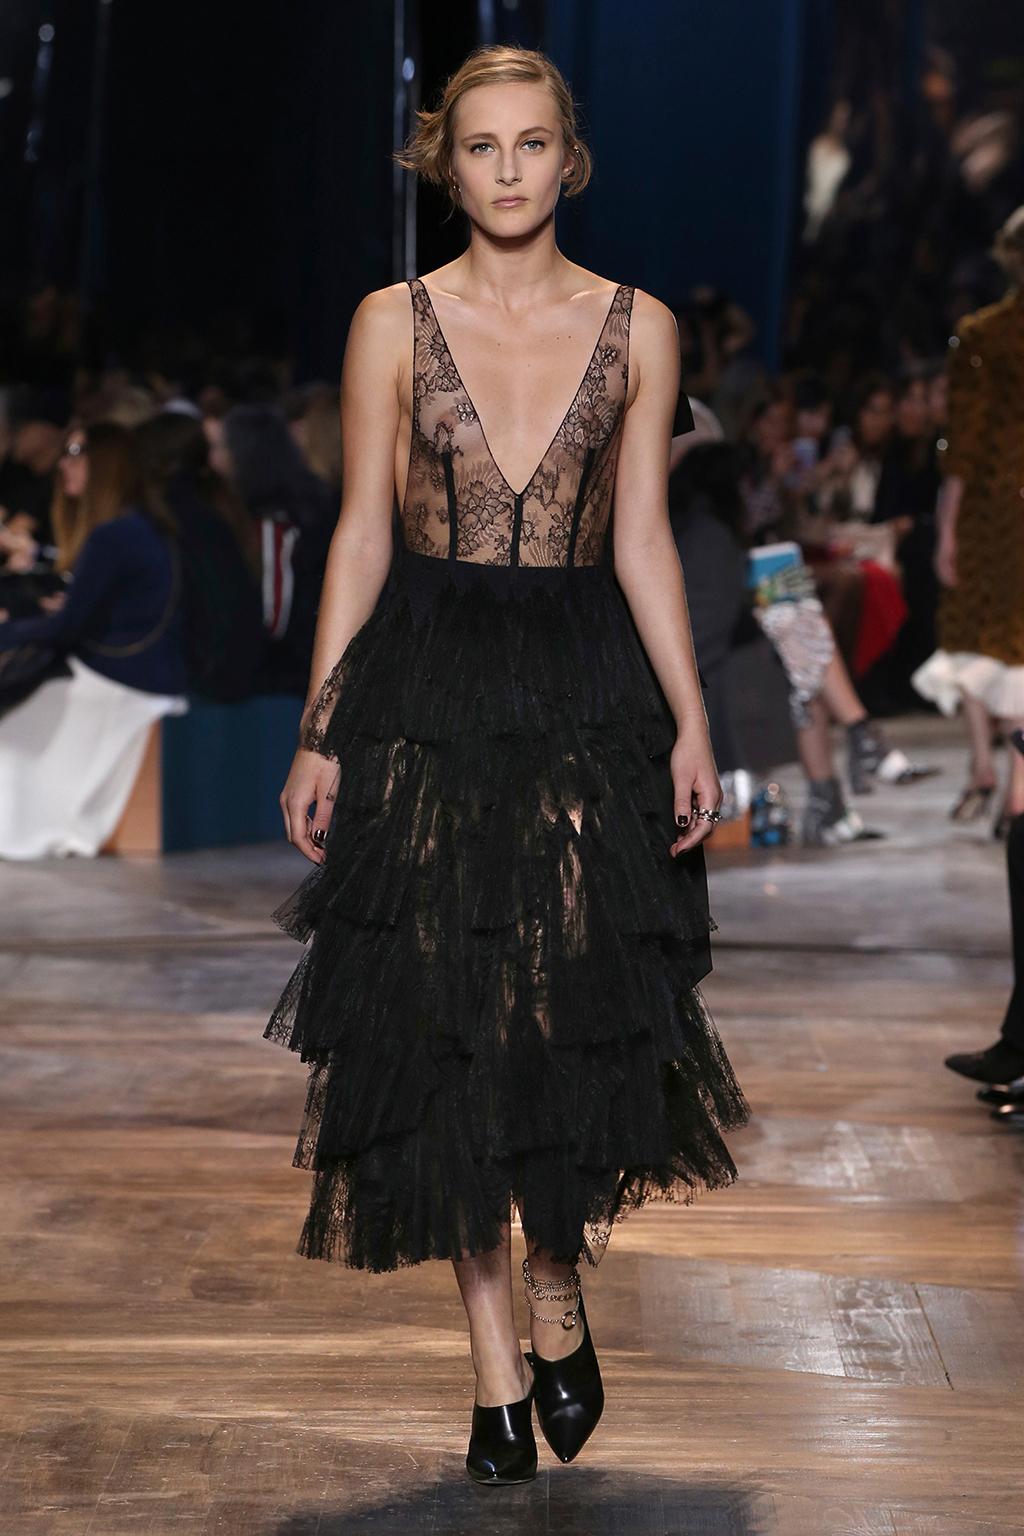 Dior-Couture-Silhouette-19